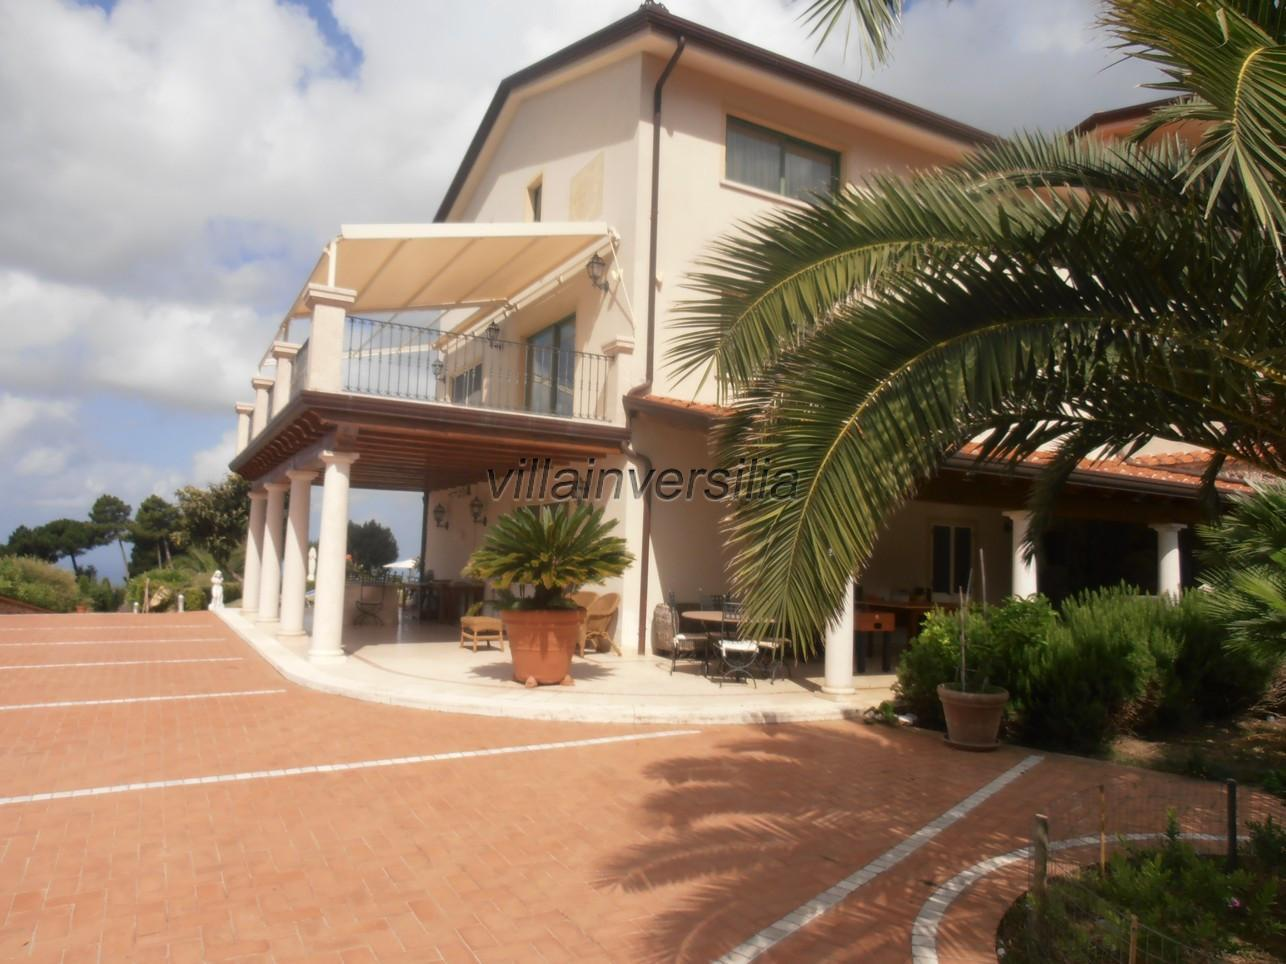 Foto 6/21 per rif. V 322021 villa piscina Versilia